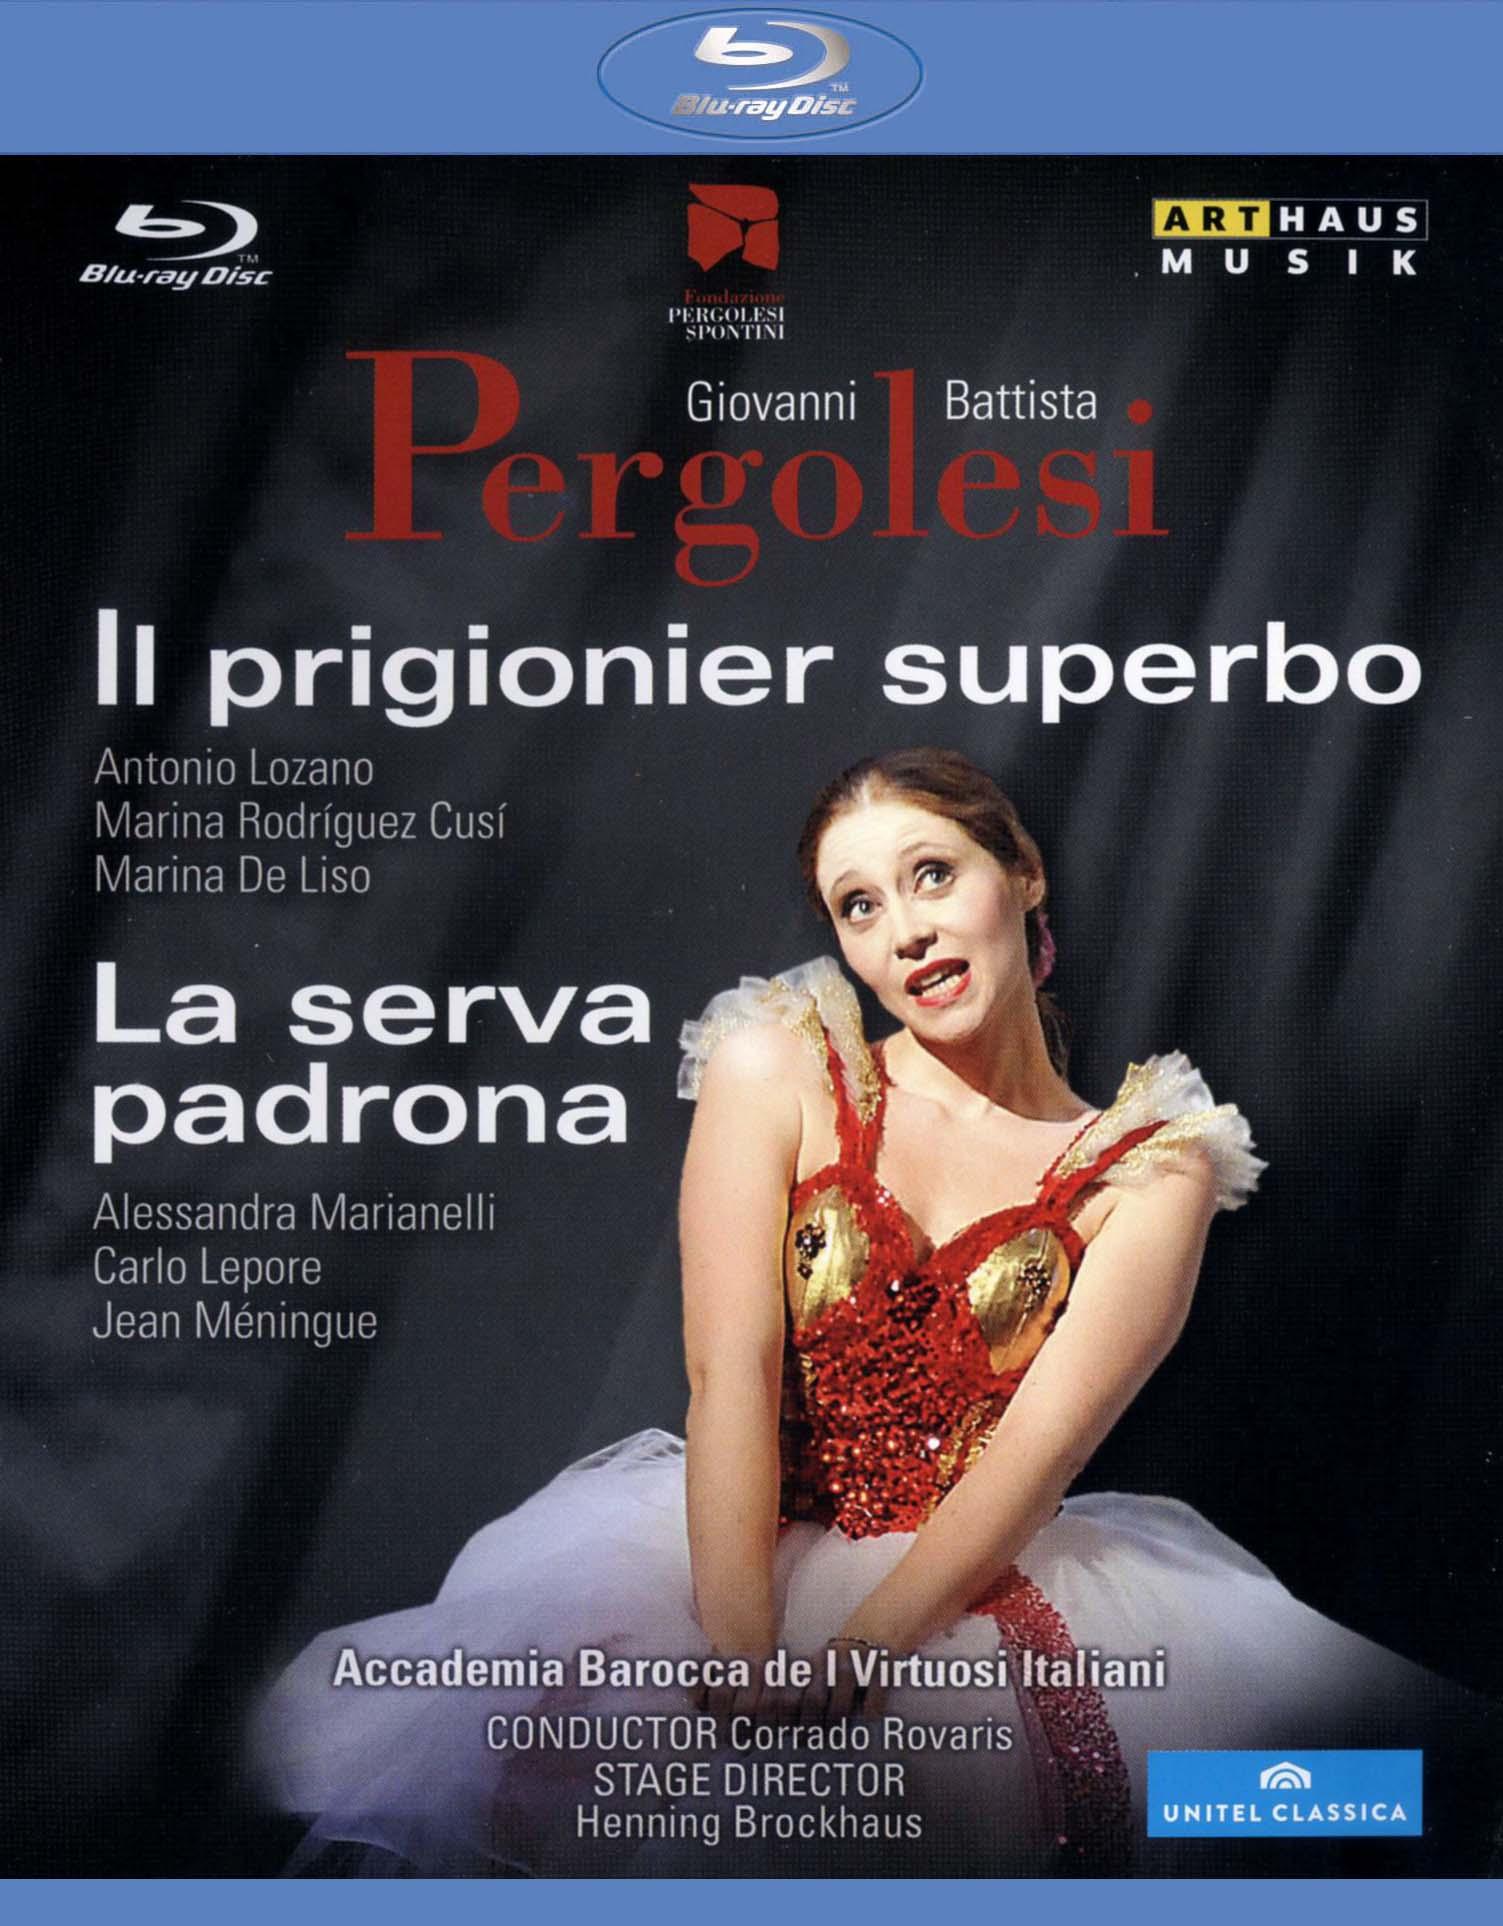 Il Prigionier Superbo/La Serva Padrona (Accademia Barocca de I Virtuosi Italiani)